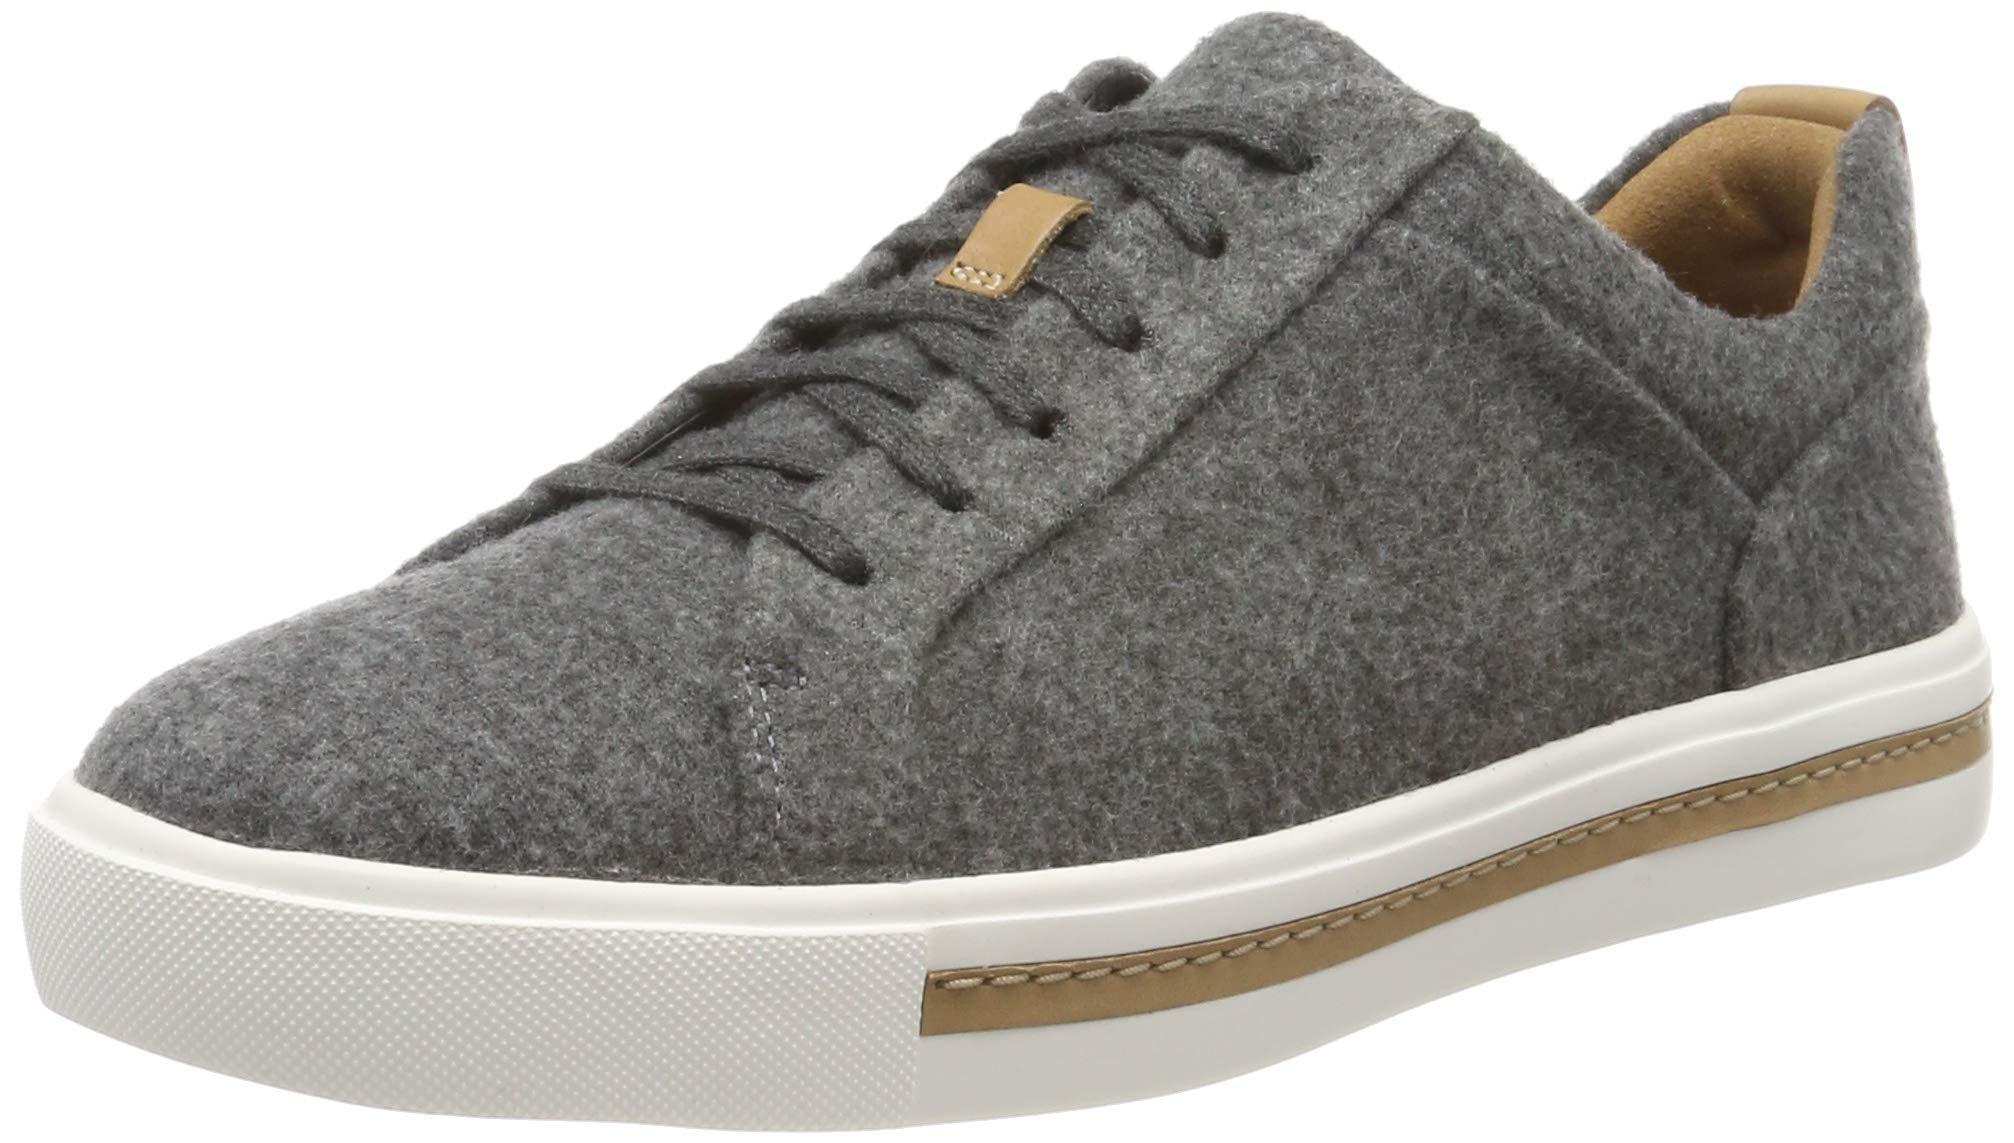 Maui Eu LaceSneakers Grey Clarks Basses Textile40 Un FemmeGris rxBWCodeQE